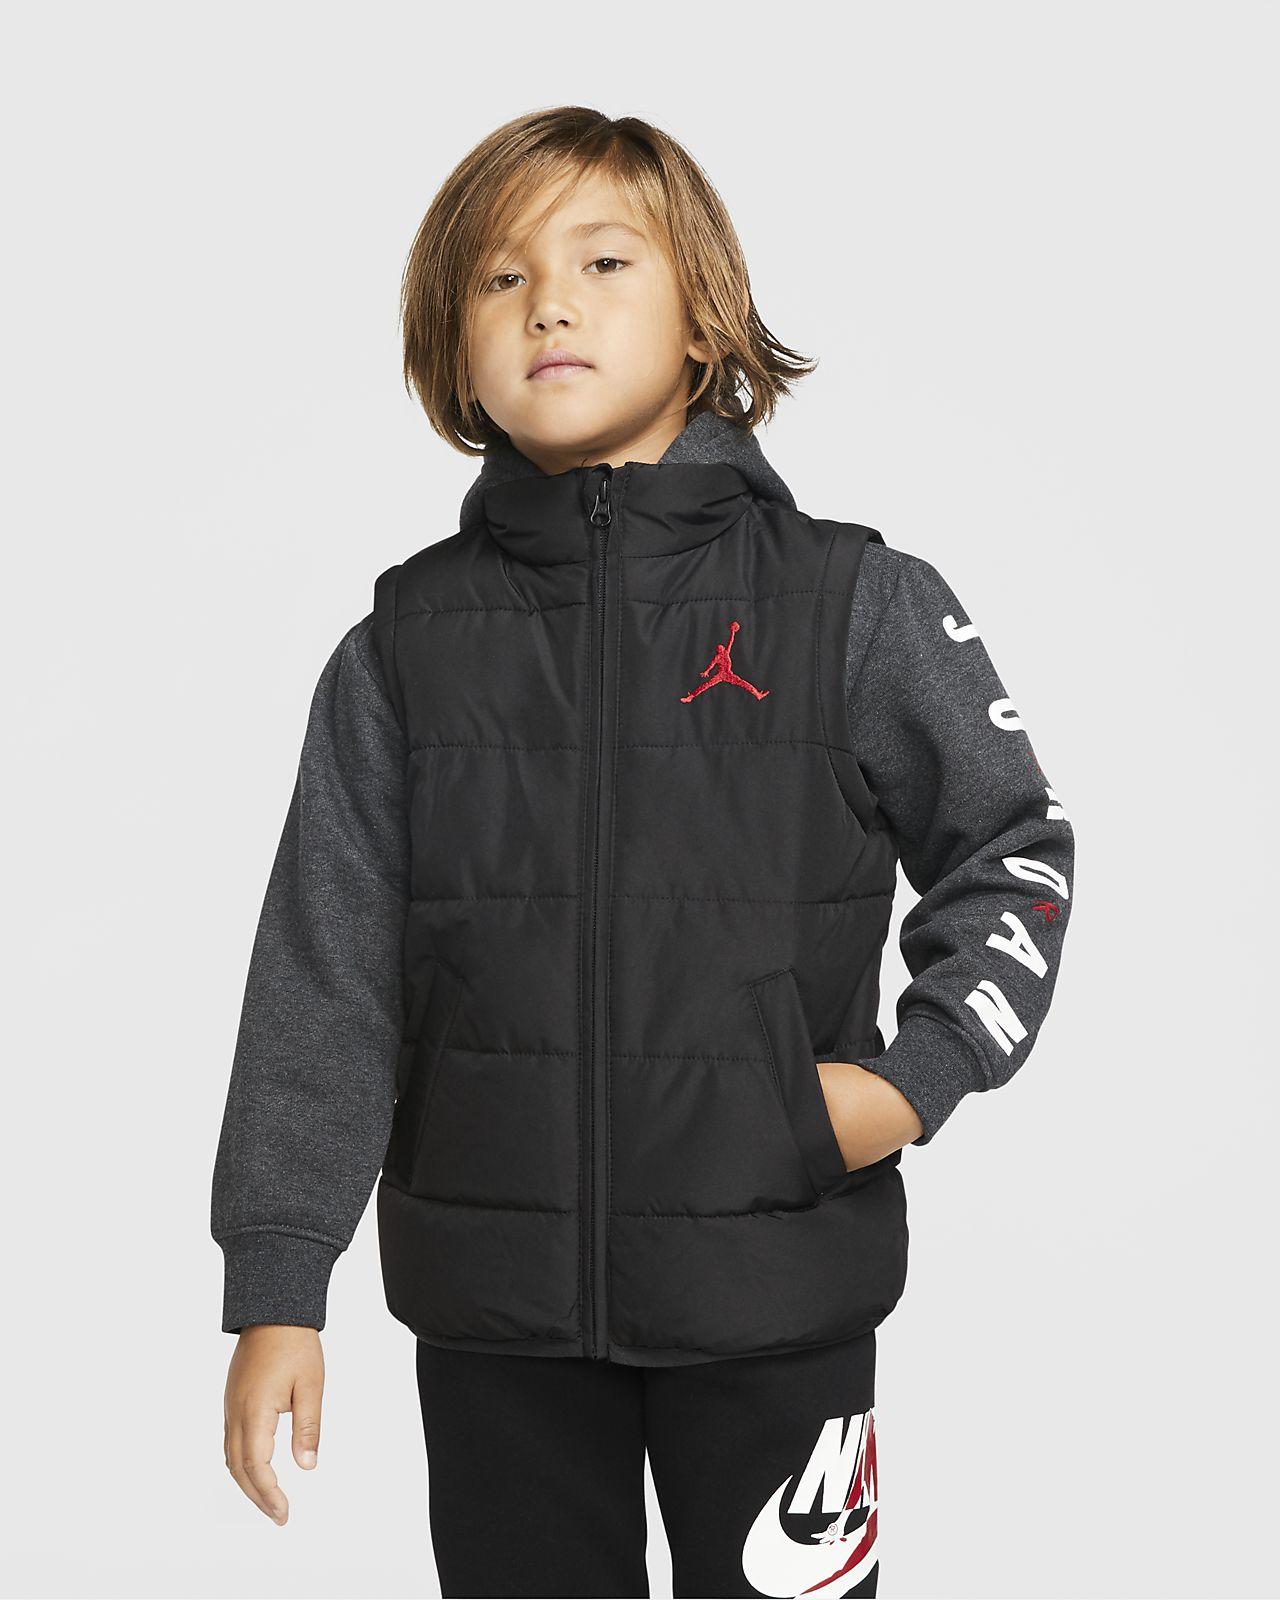 Jordan Jumpman-dynejakke med lynlås i fuld længde til små børn